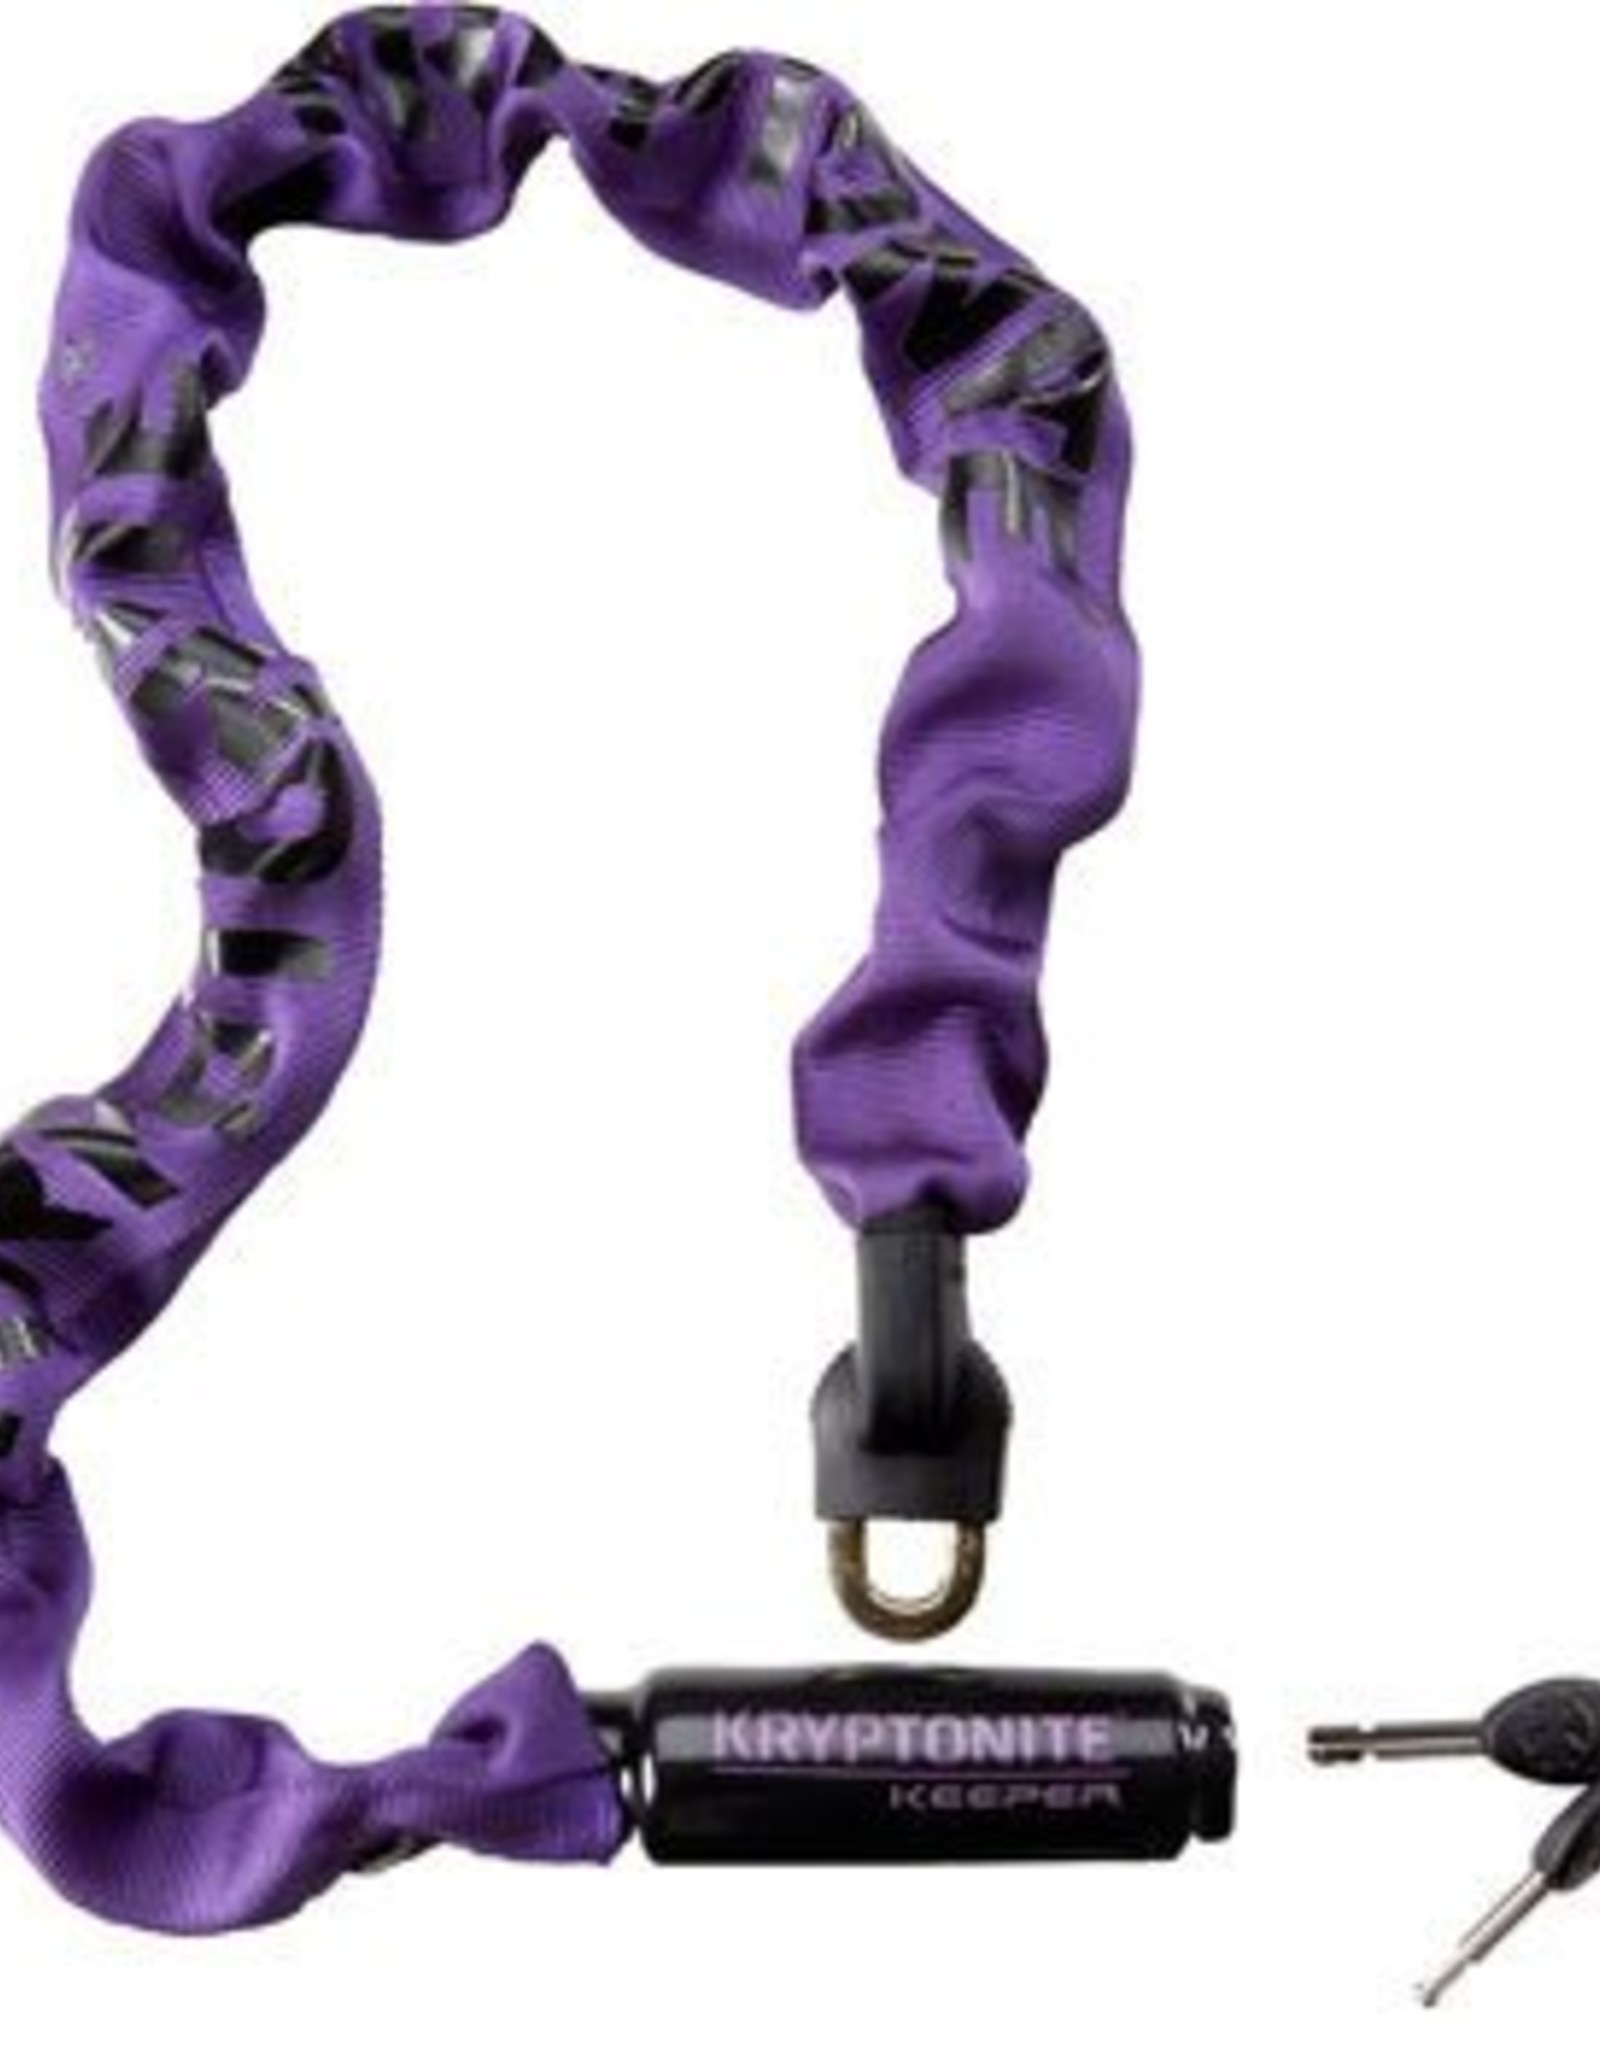 Kryptonite Keeper 785 Integrated Chain Lock Purple